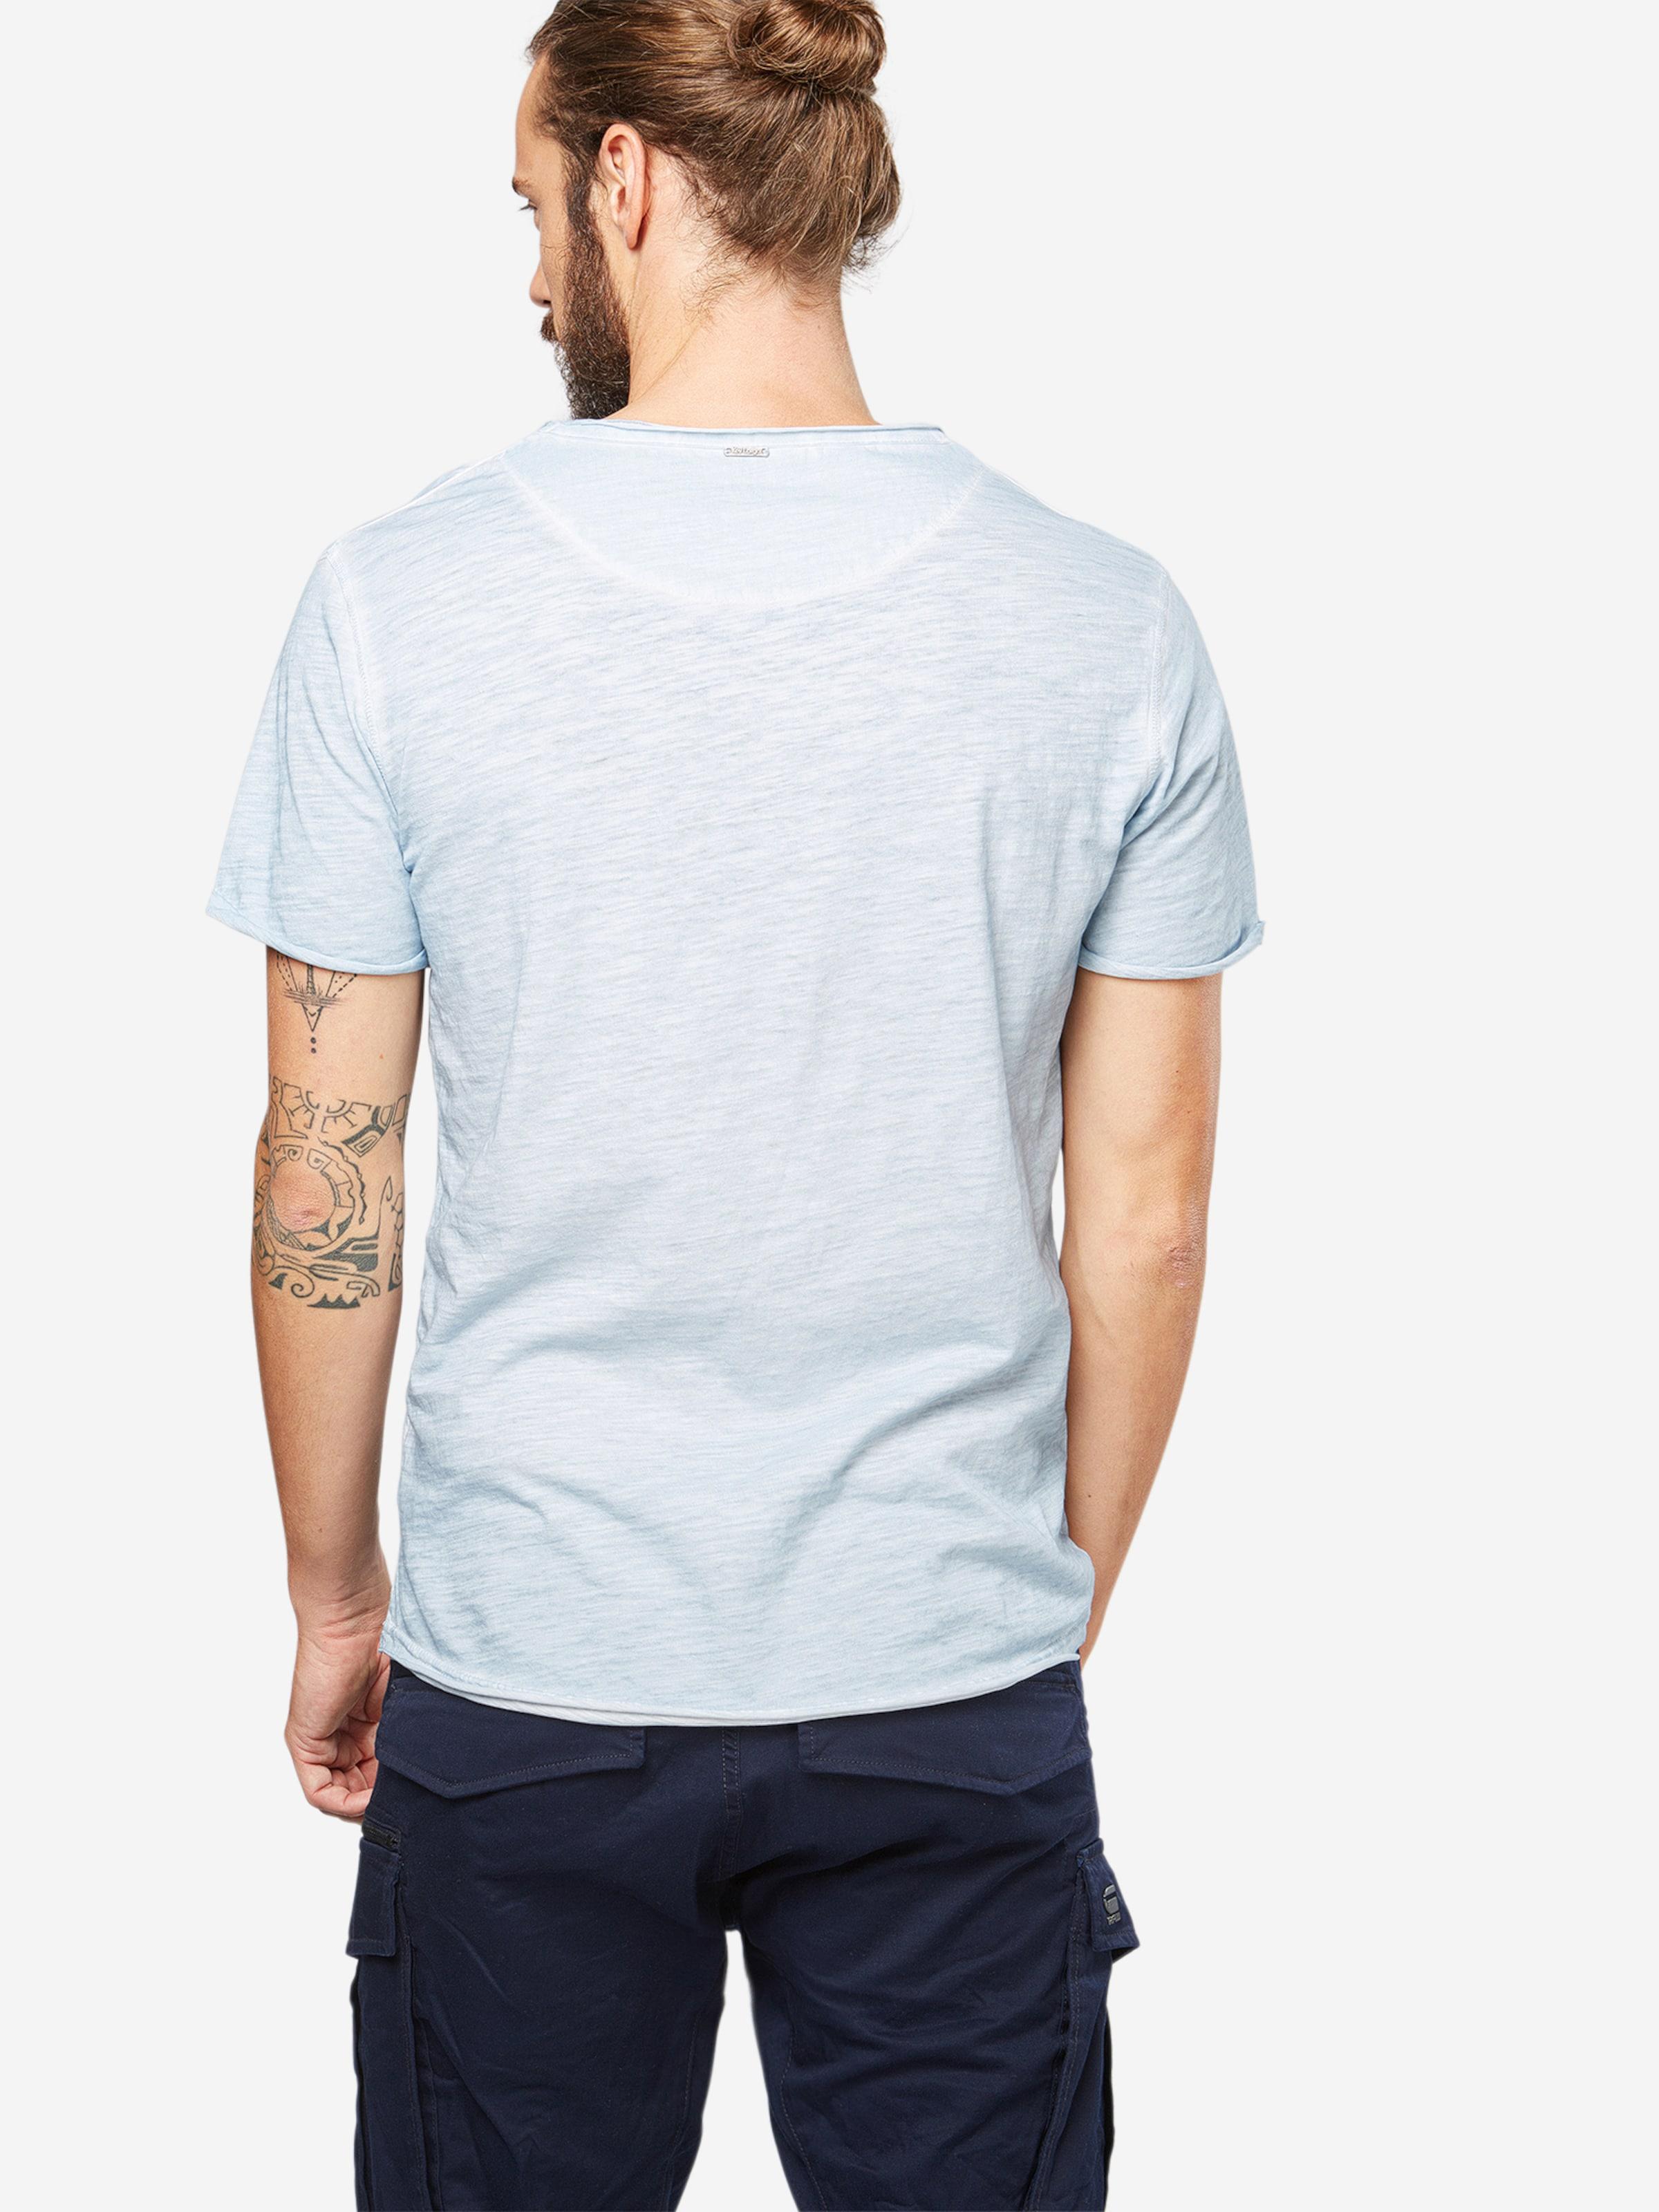 mit V Largo Ausschnitt Key Largo Key Shirt T mit Shirt T 1wfUHqxf7